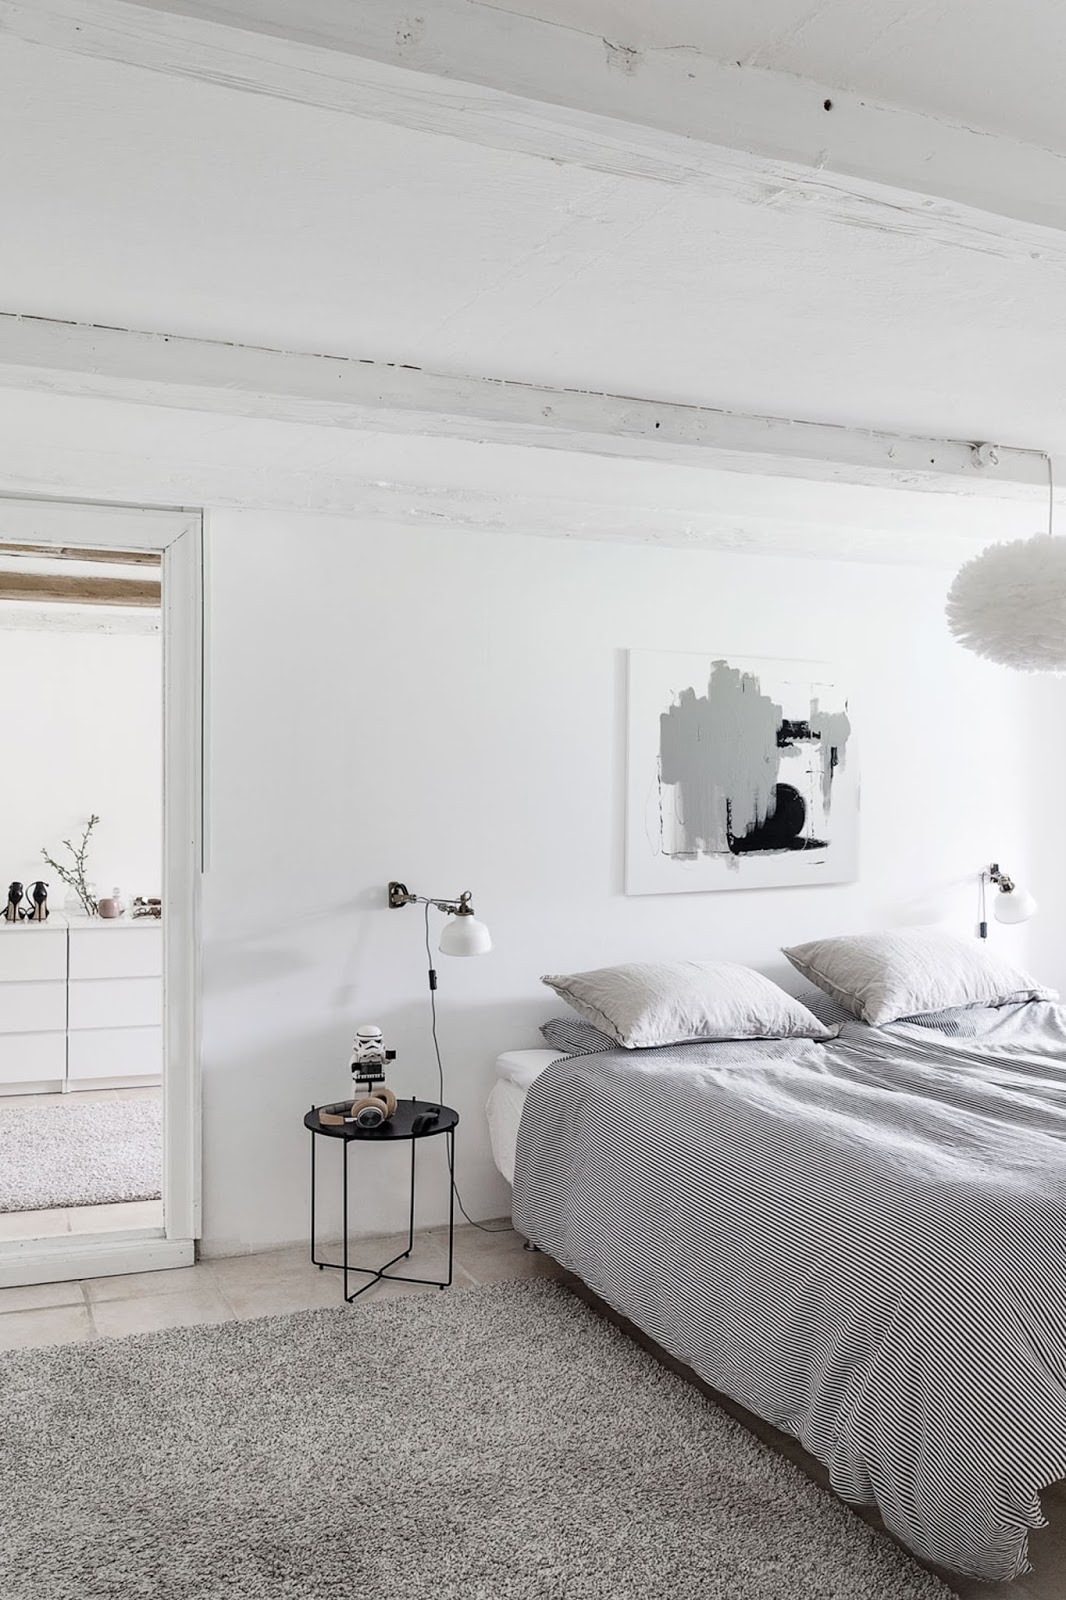 black and white interior design, nordic home, black furniture, white floor, monochrome decor, bedroom design,